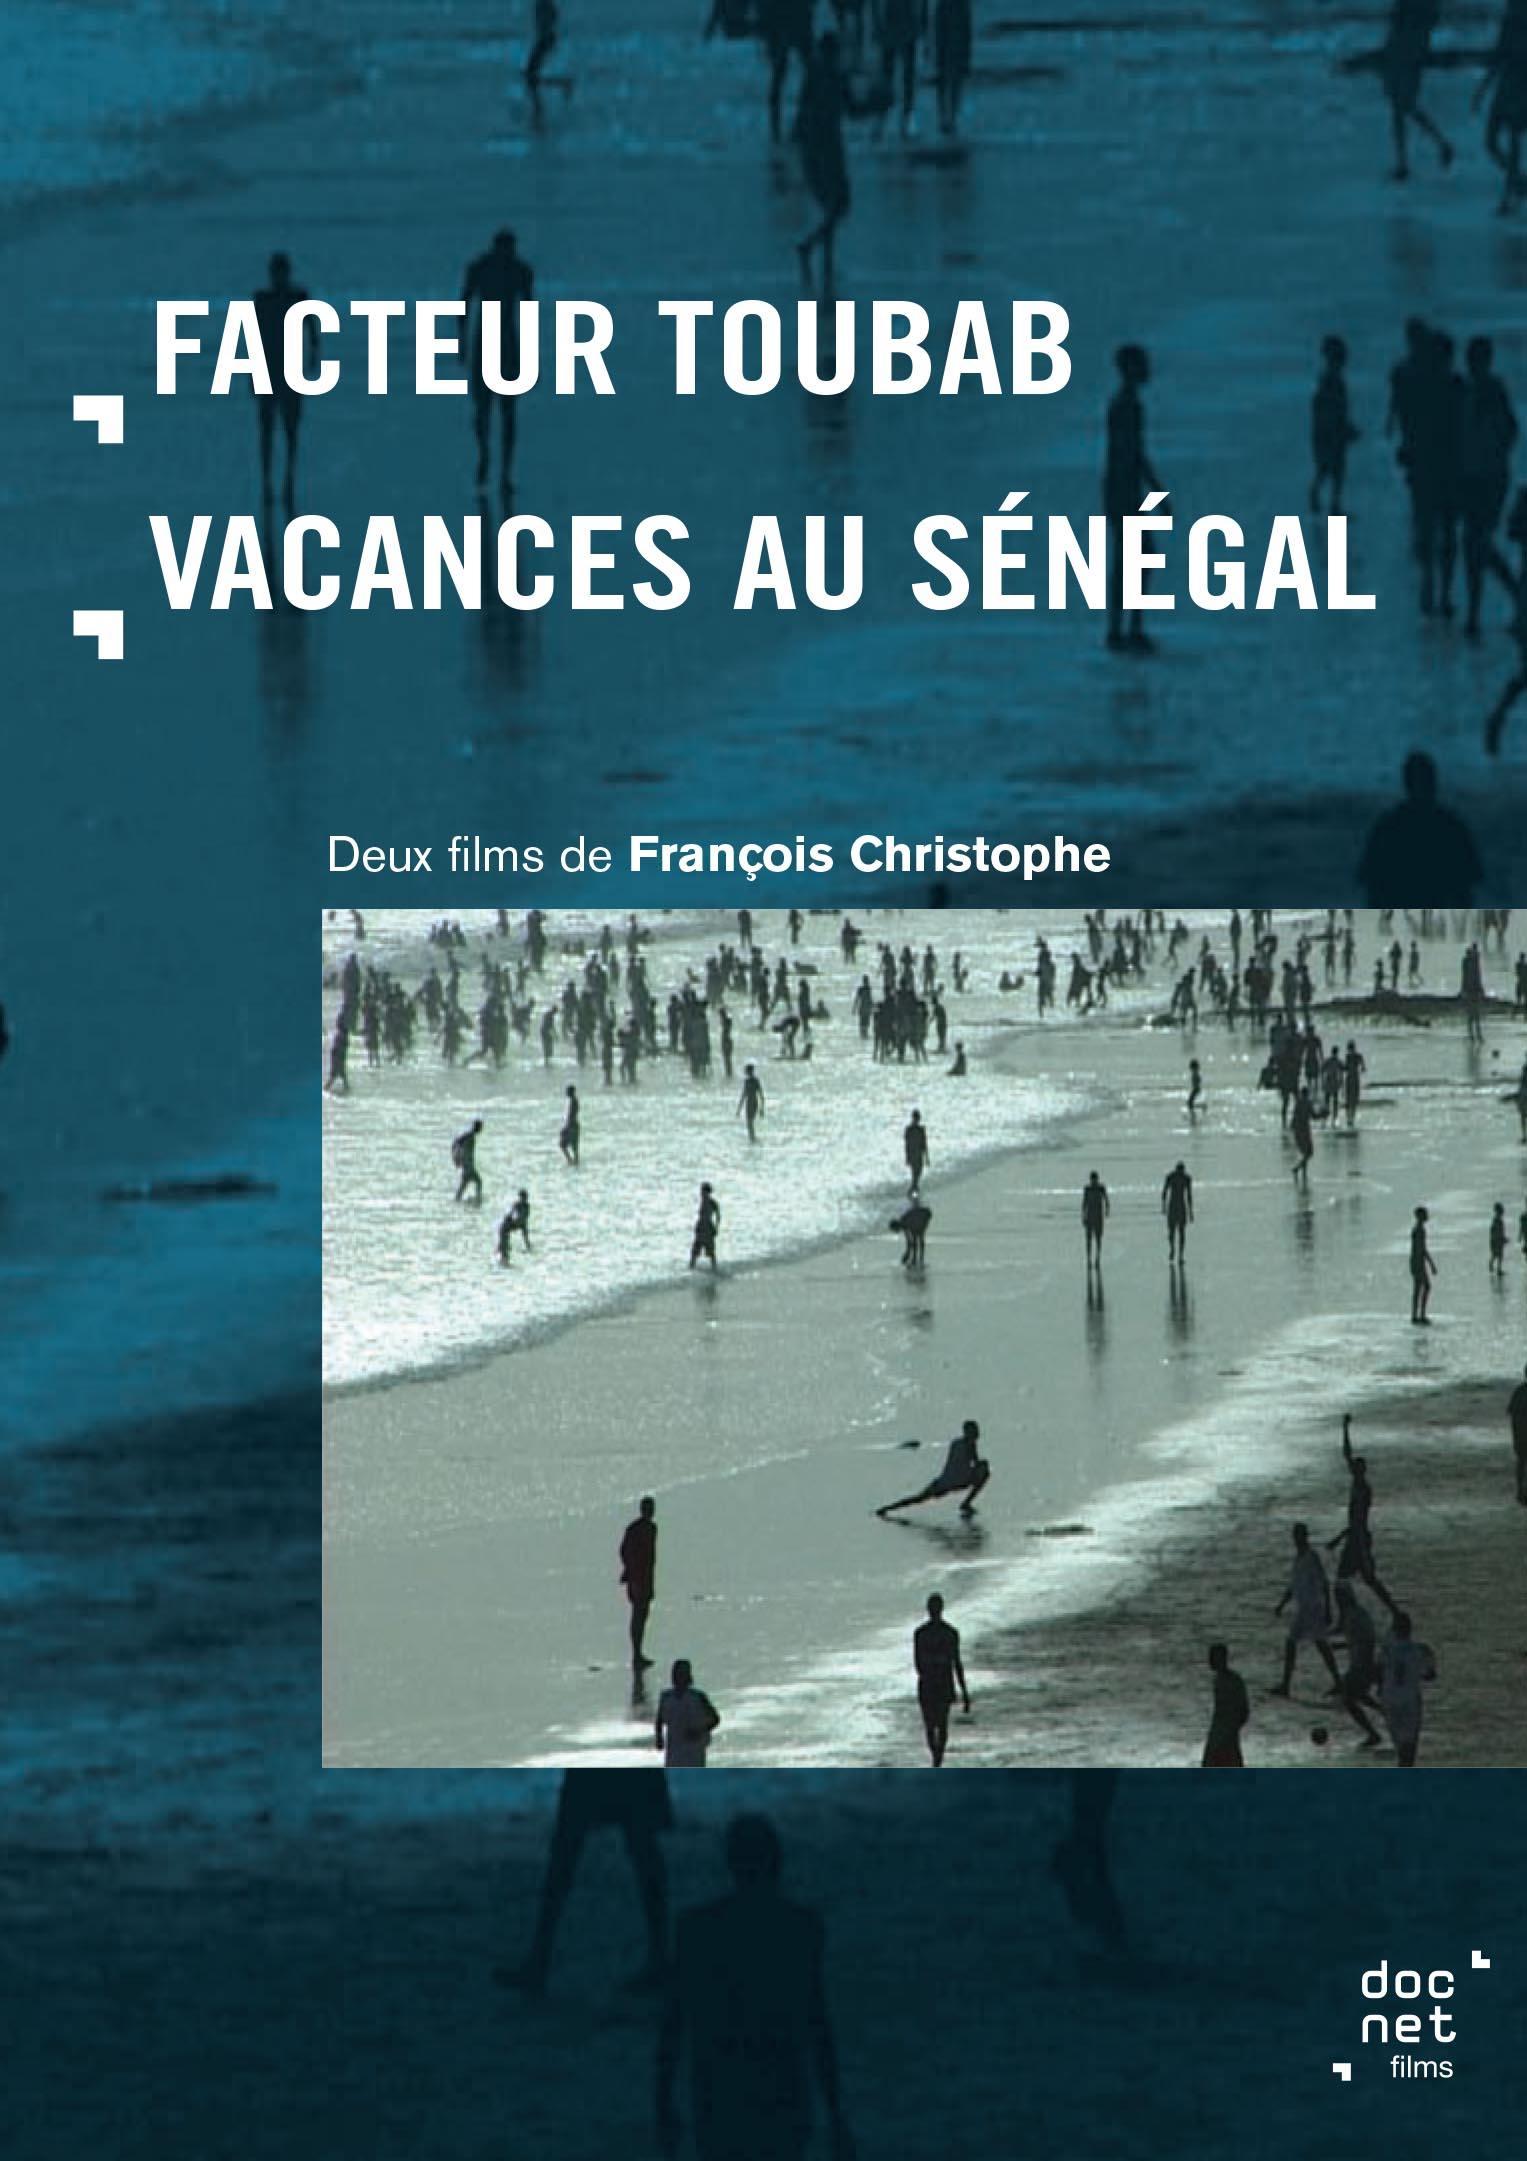 Facteur toubab / vacances au senegal - dvd